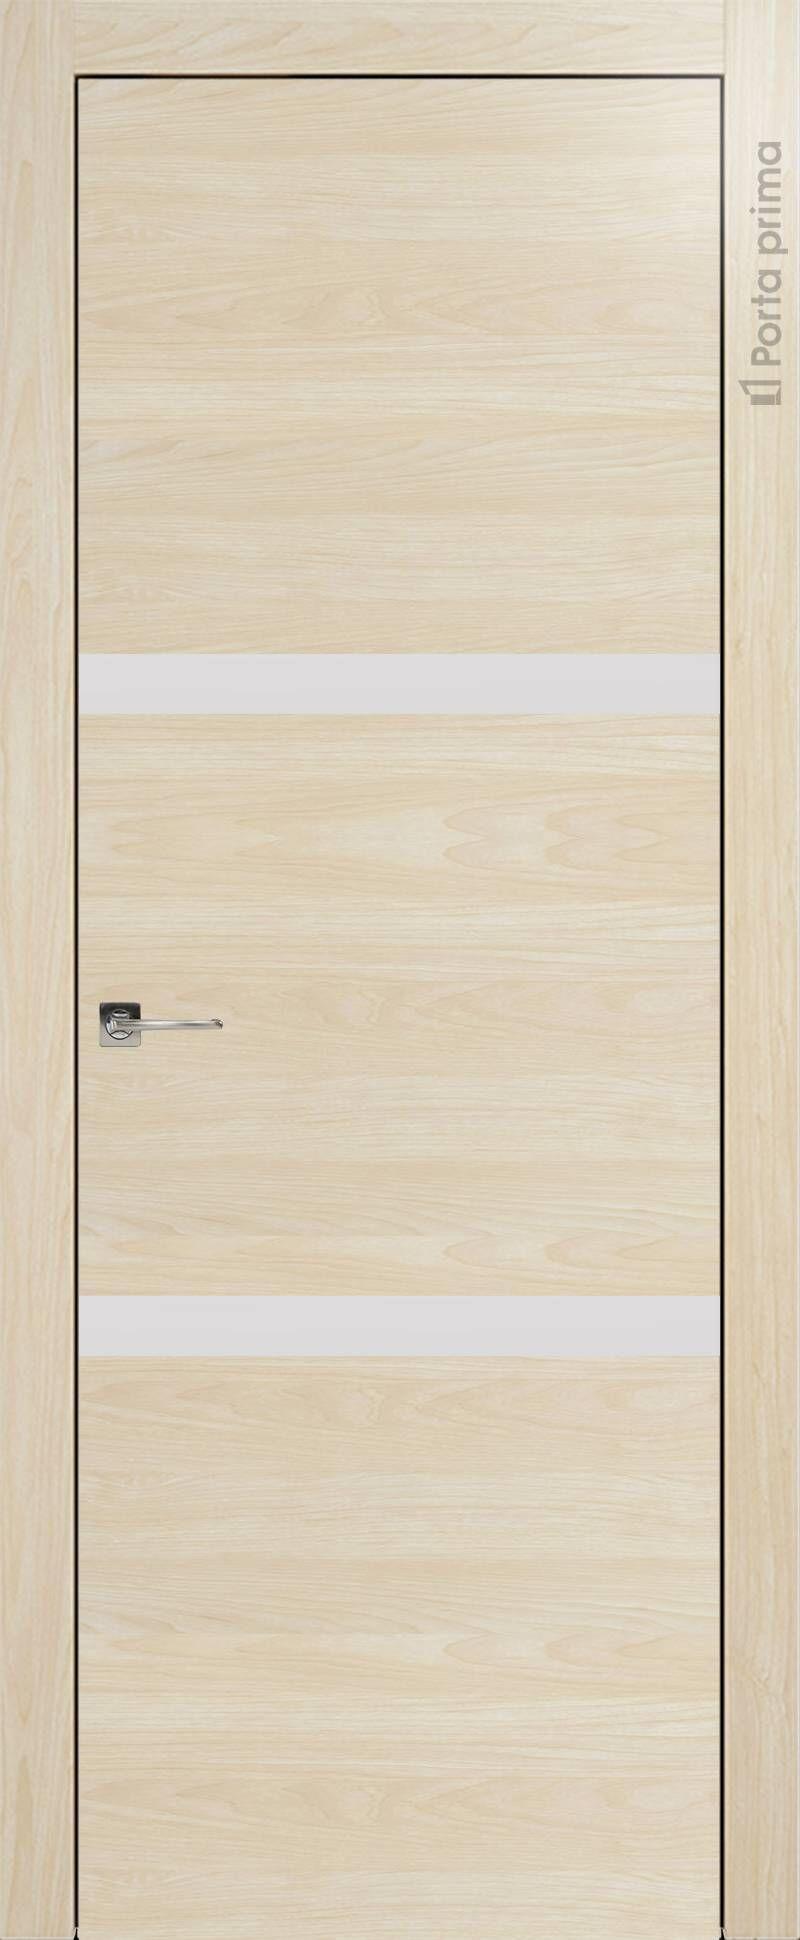 Tivoli В-4 цвет - Клен Без стекла (ДГ)